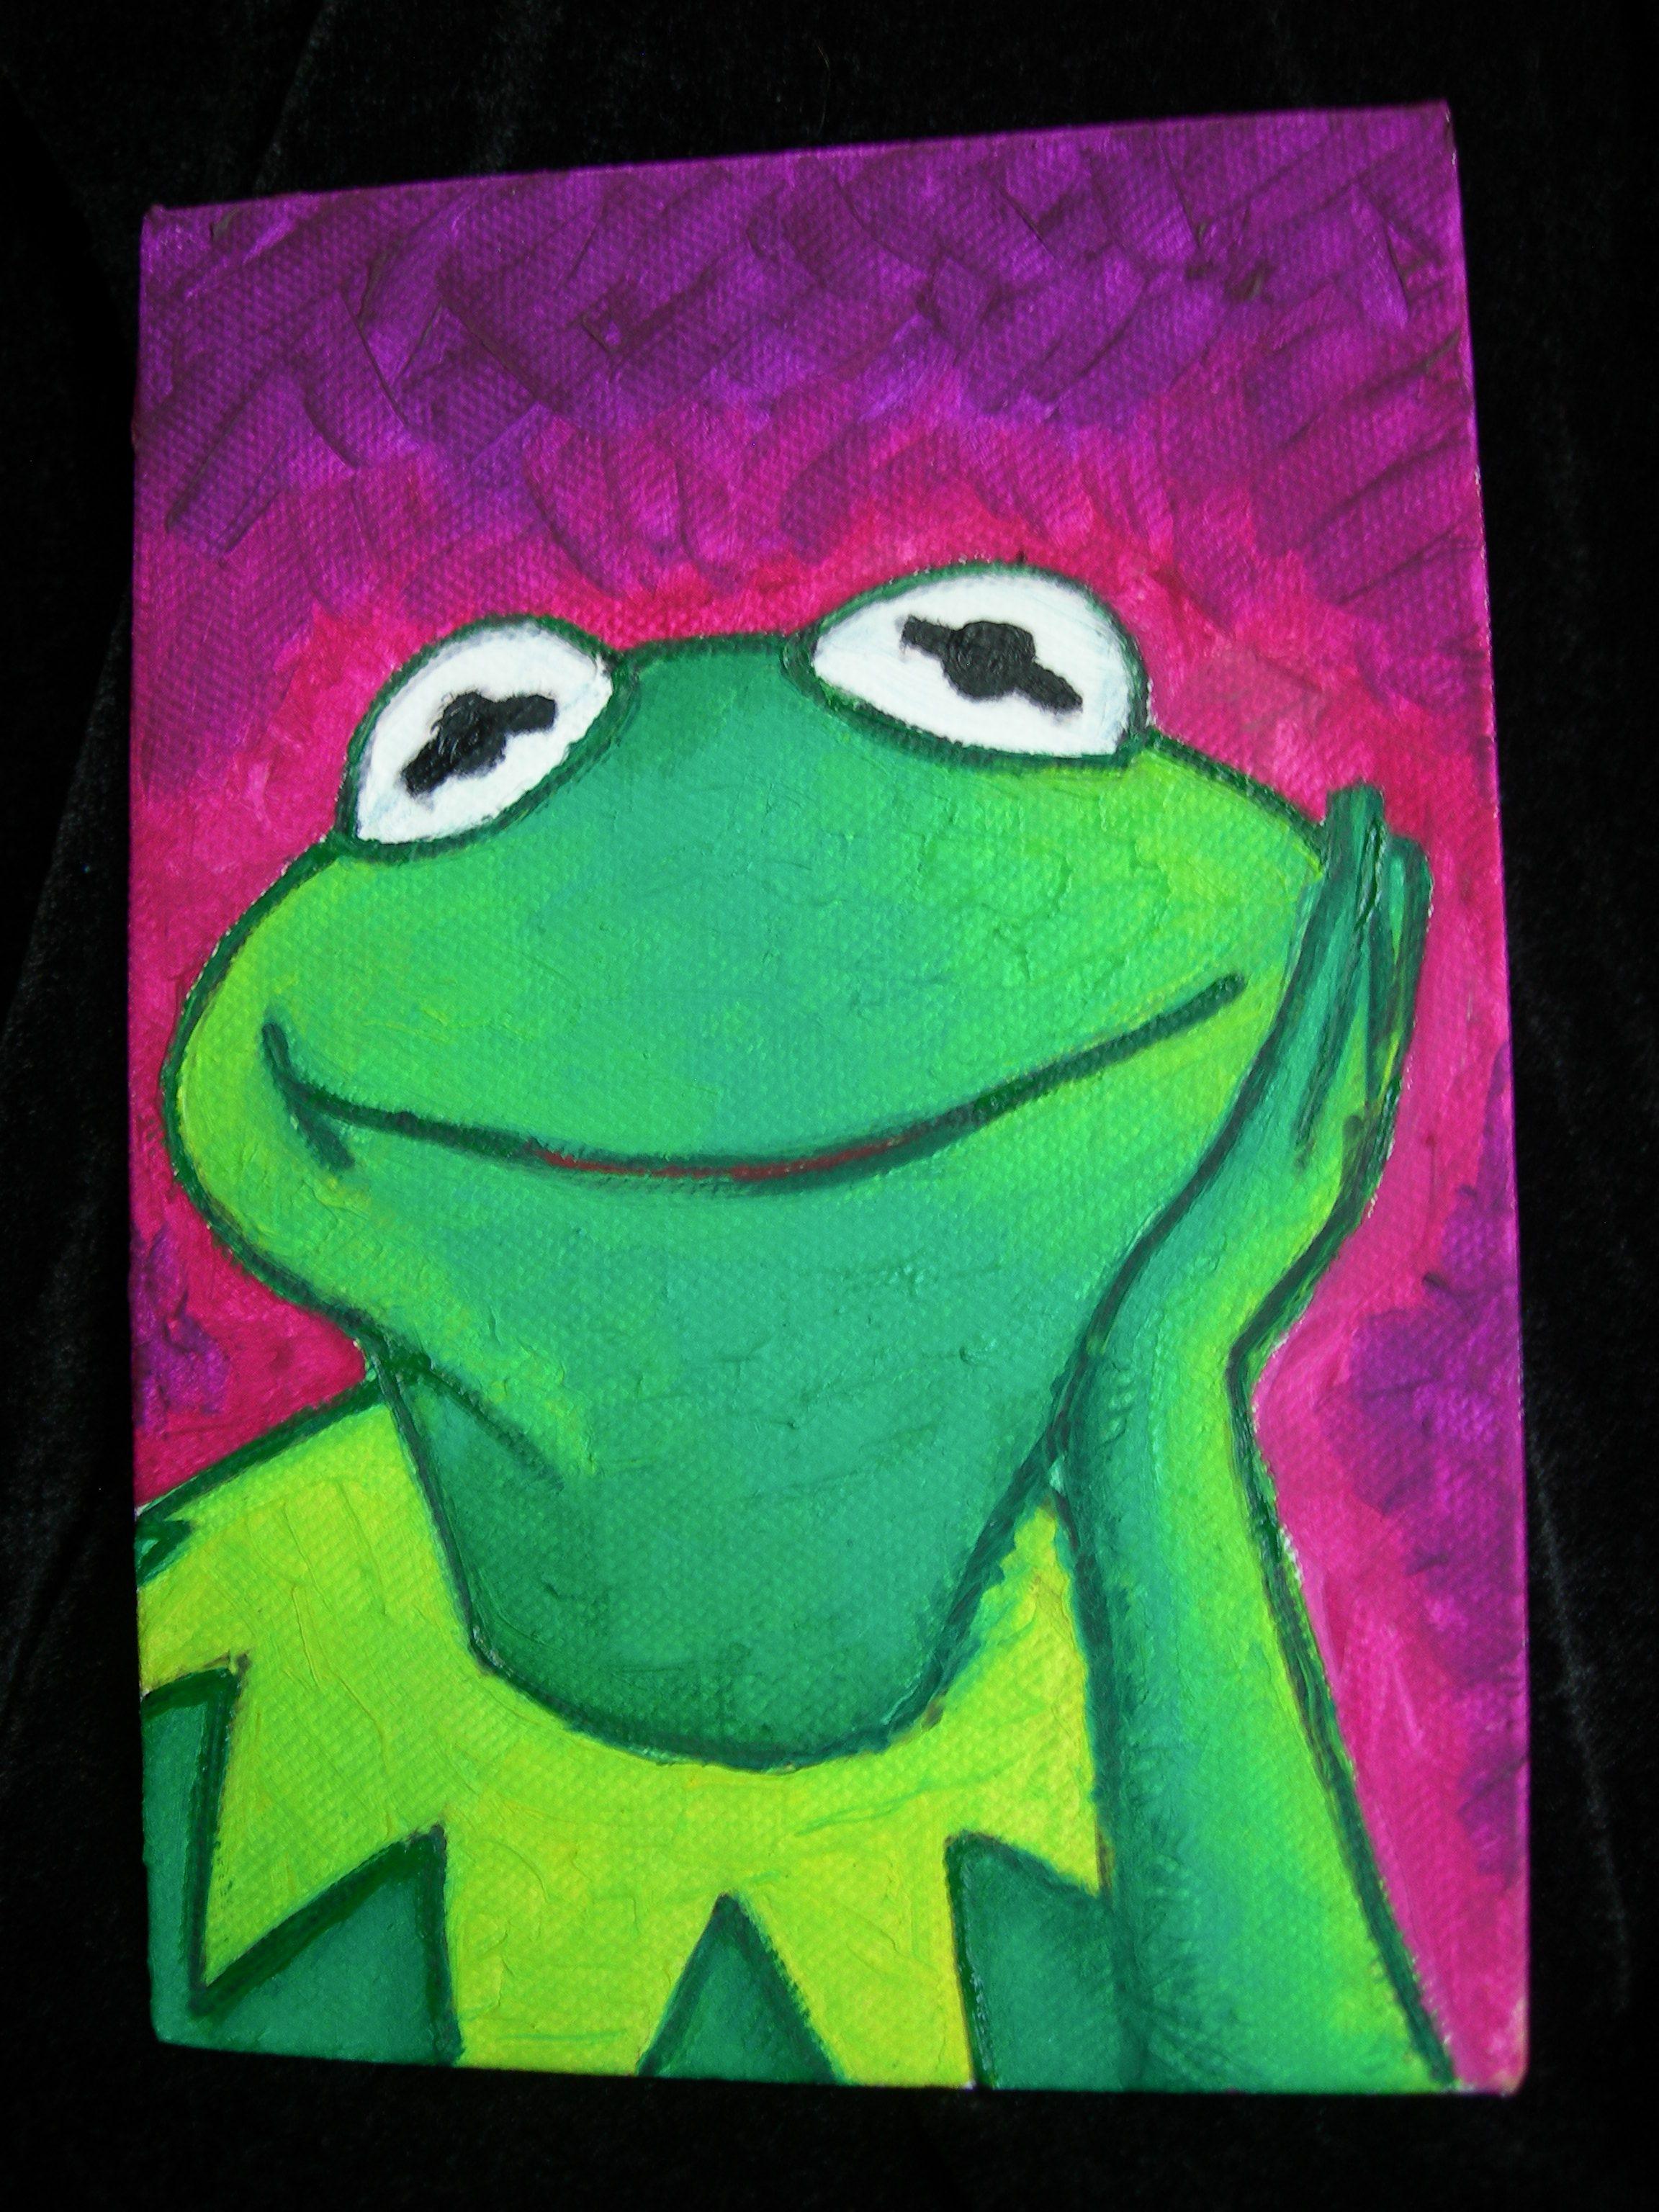 Kermit Meme Painting : kermit, painting, Things